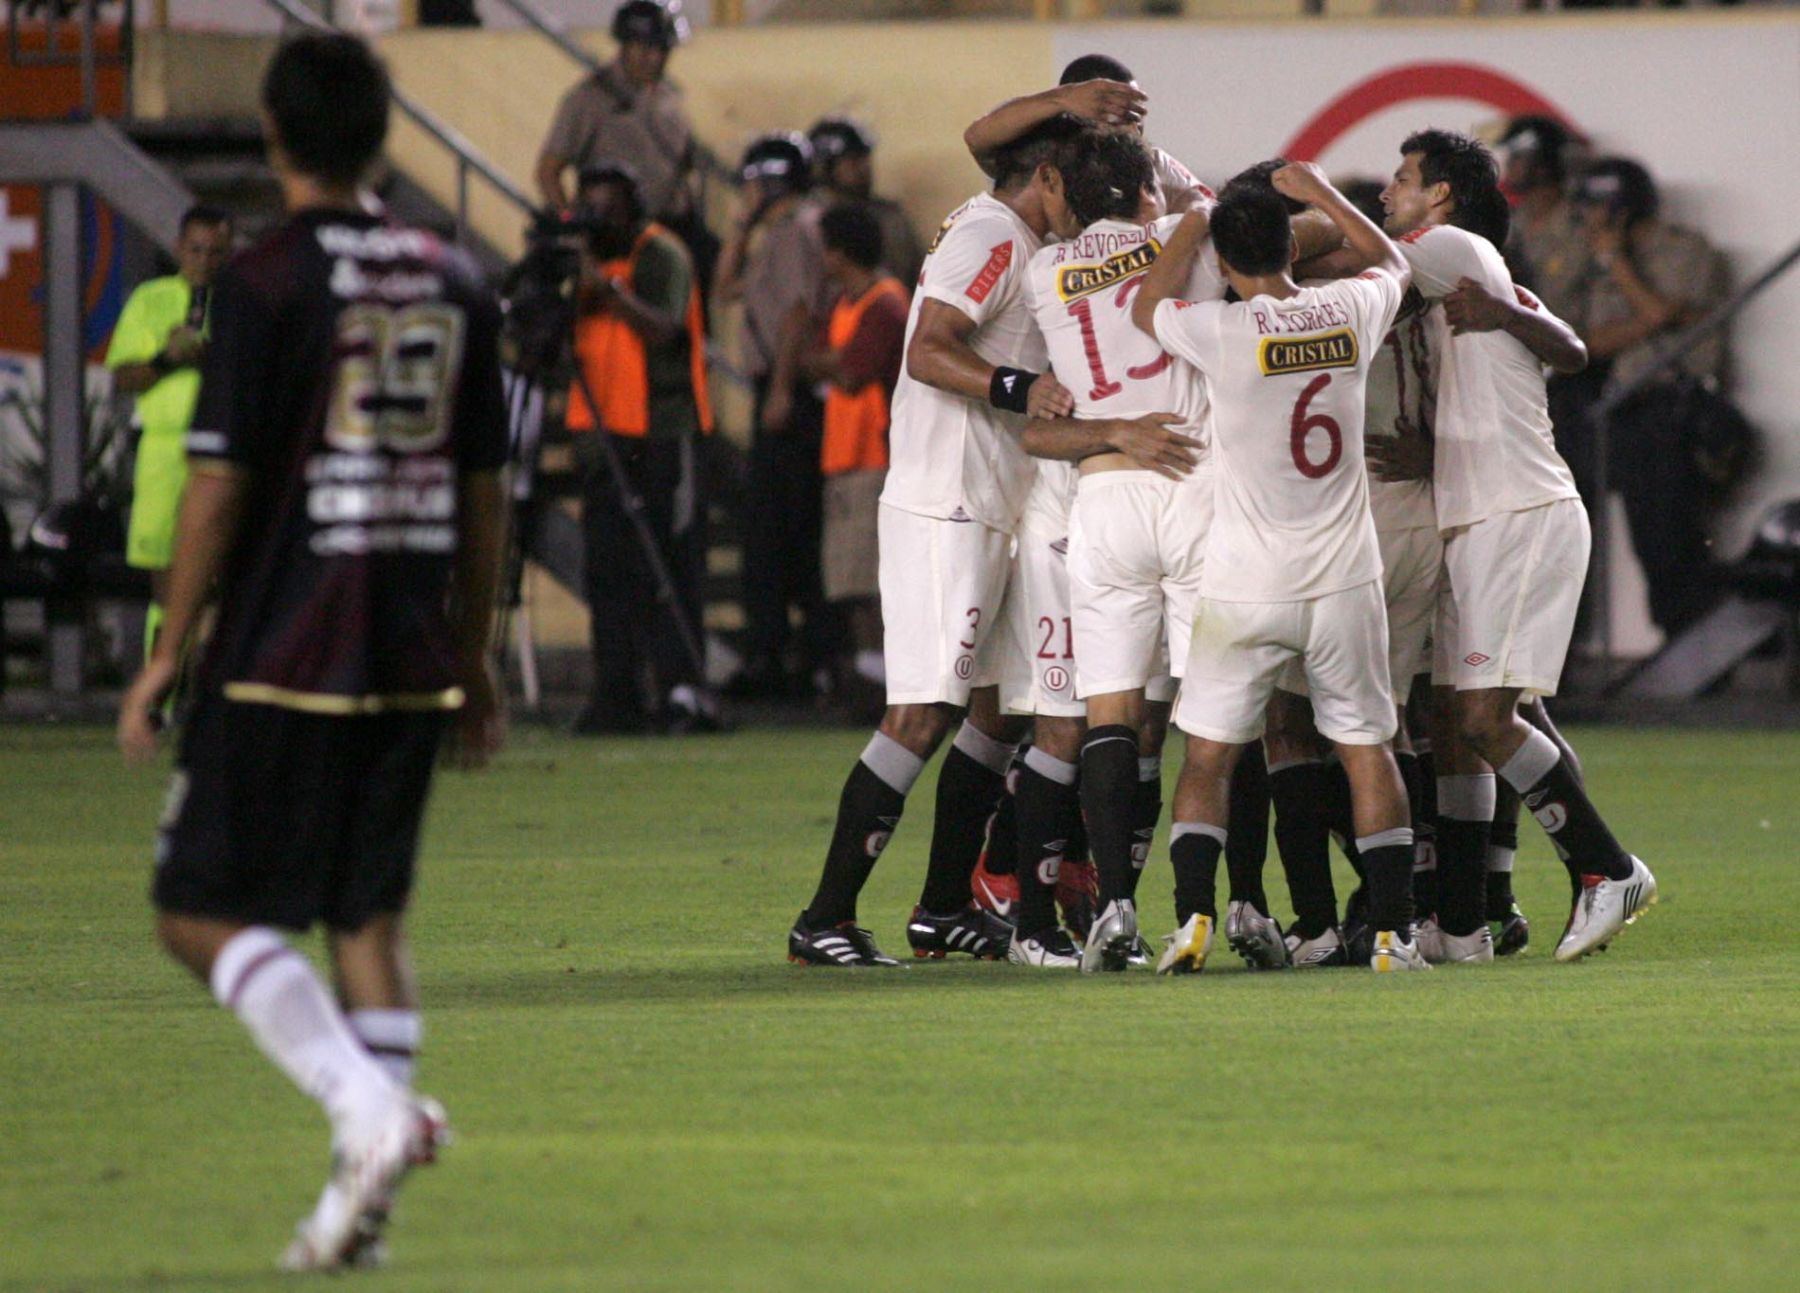 Jugadores de Universitario de Deportes celebran gol. Foto: ANDINA / Ruben Grández